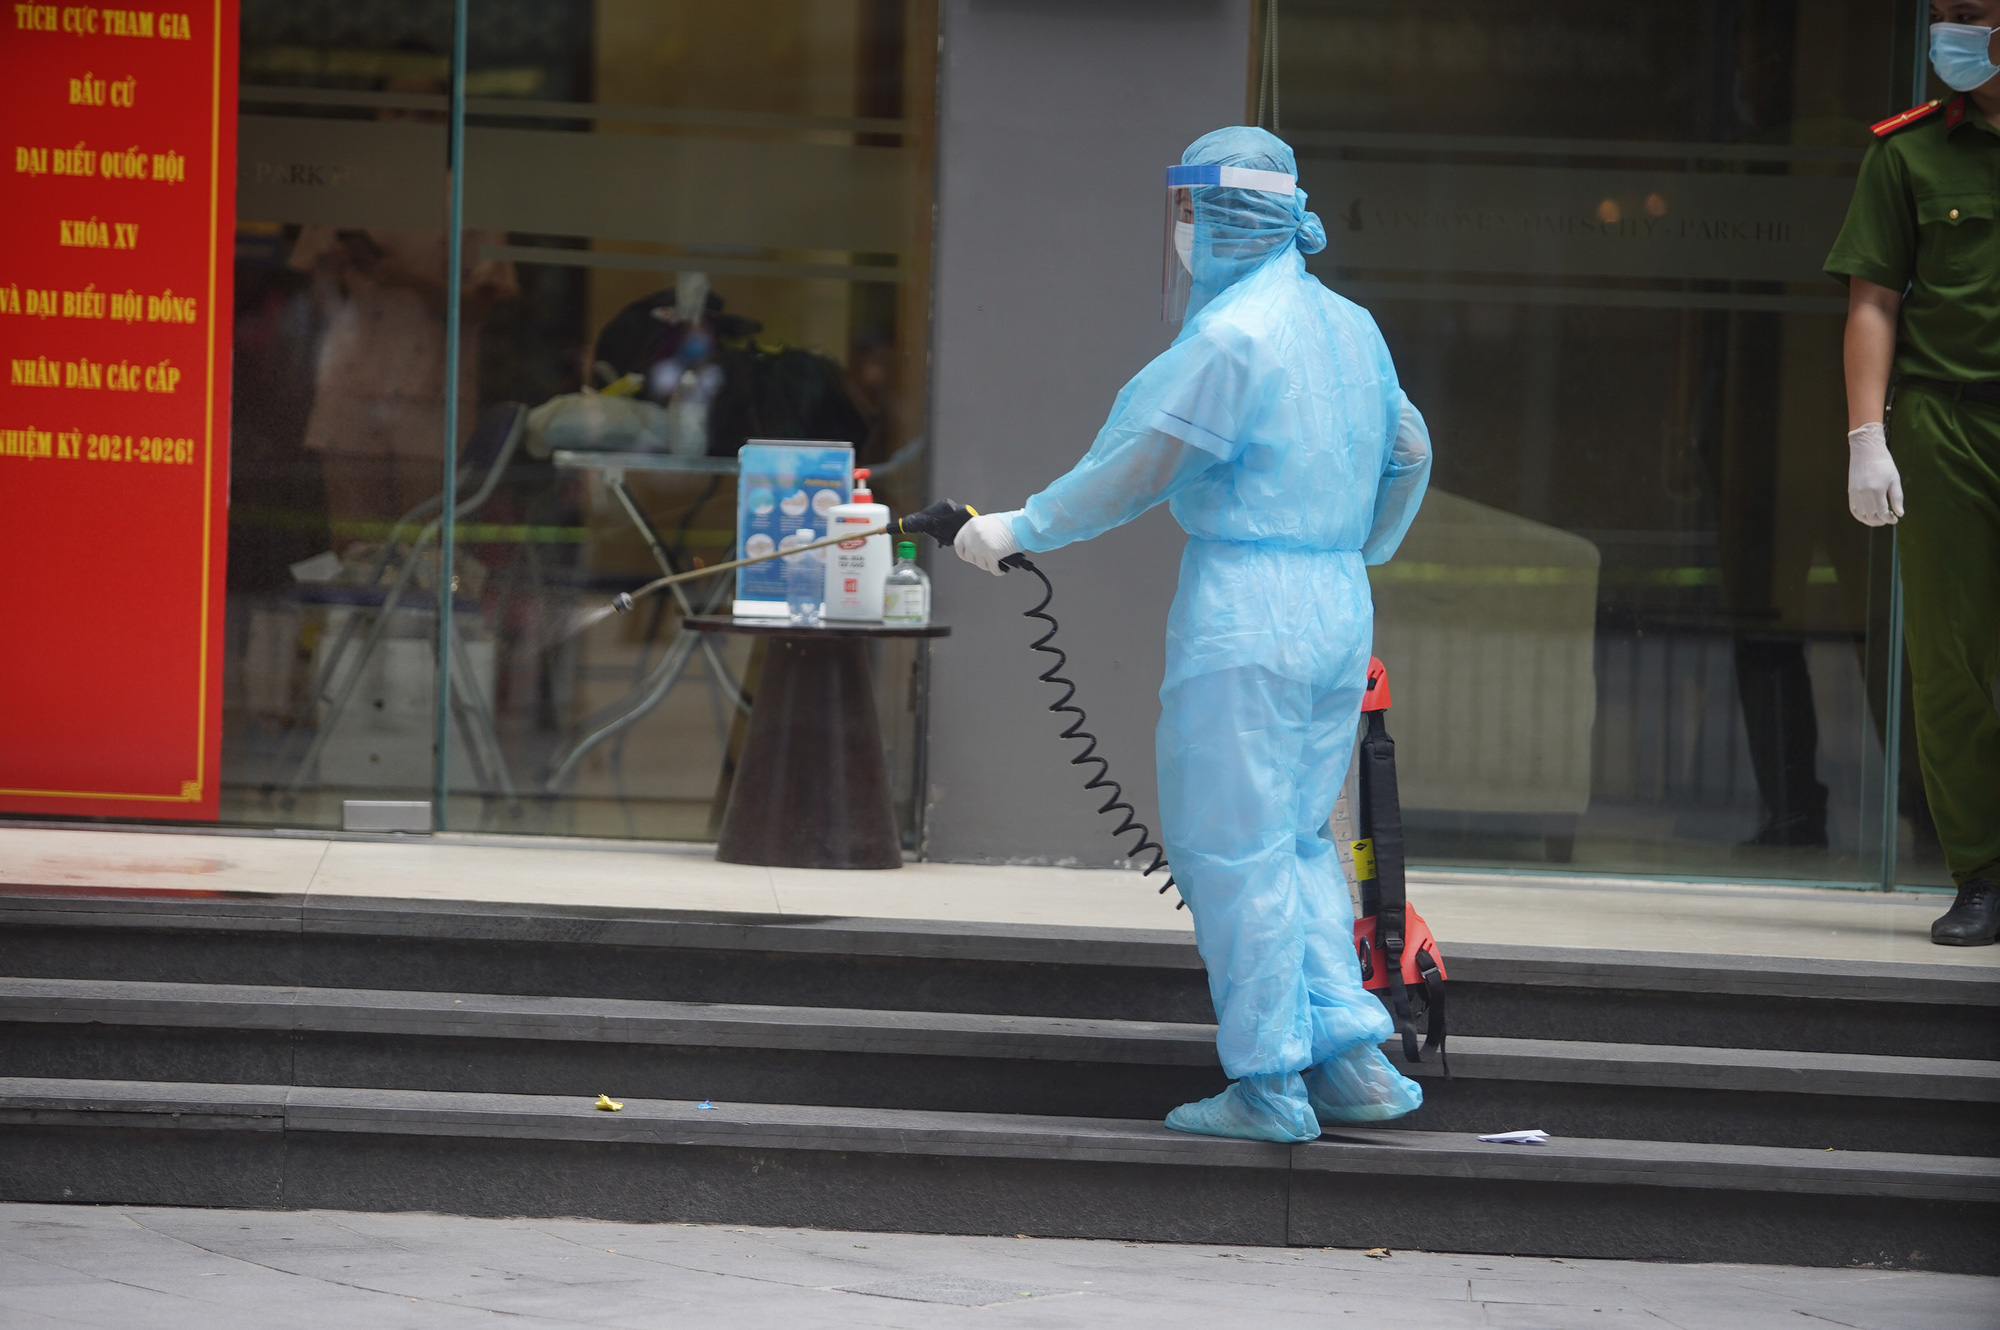 Phong tỏa, tiếp tế đồ ăn chung cư ở Times City có chuyên gia Ấn Độ dương tính với SARS-CoV-2 - Ảnh 2.